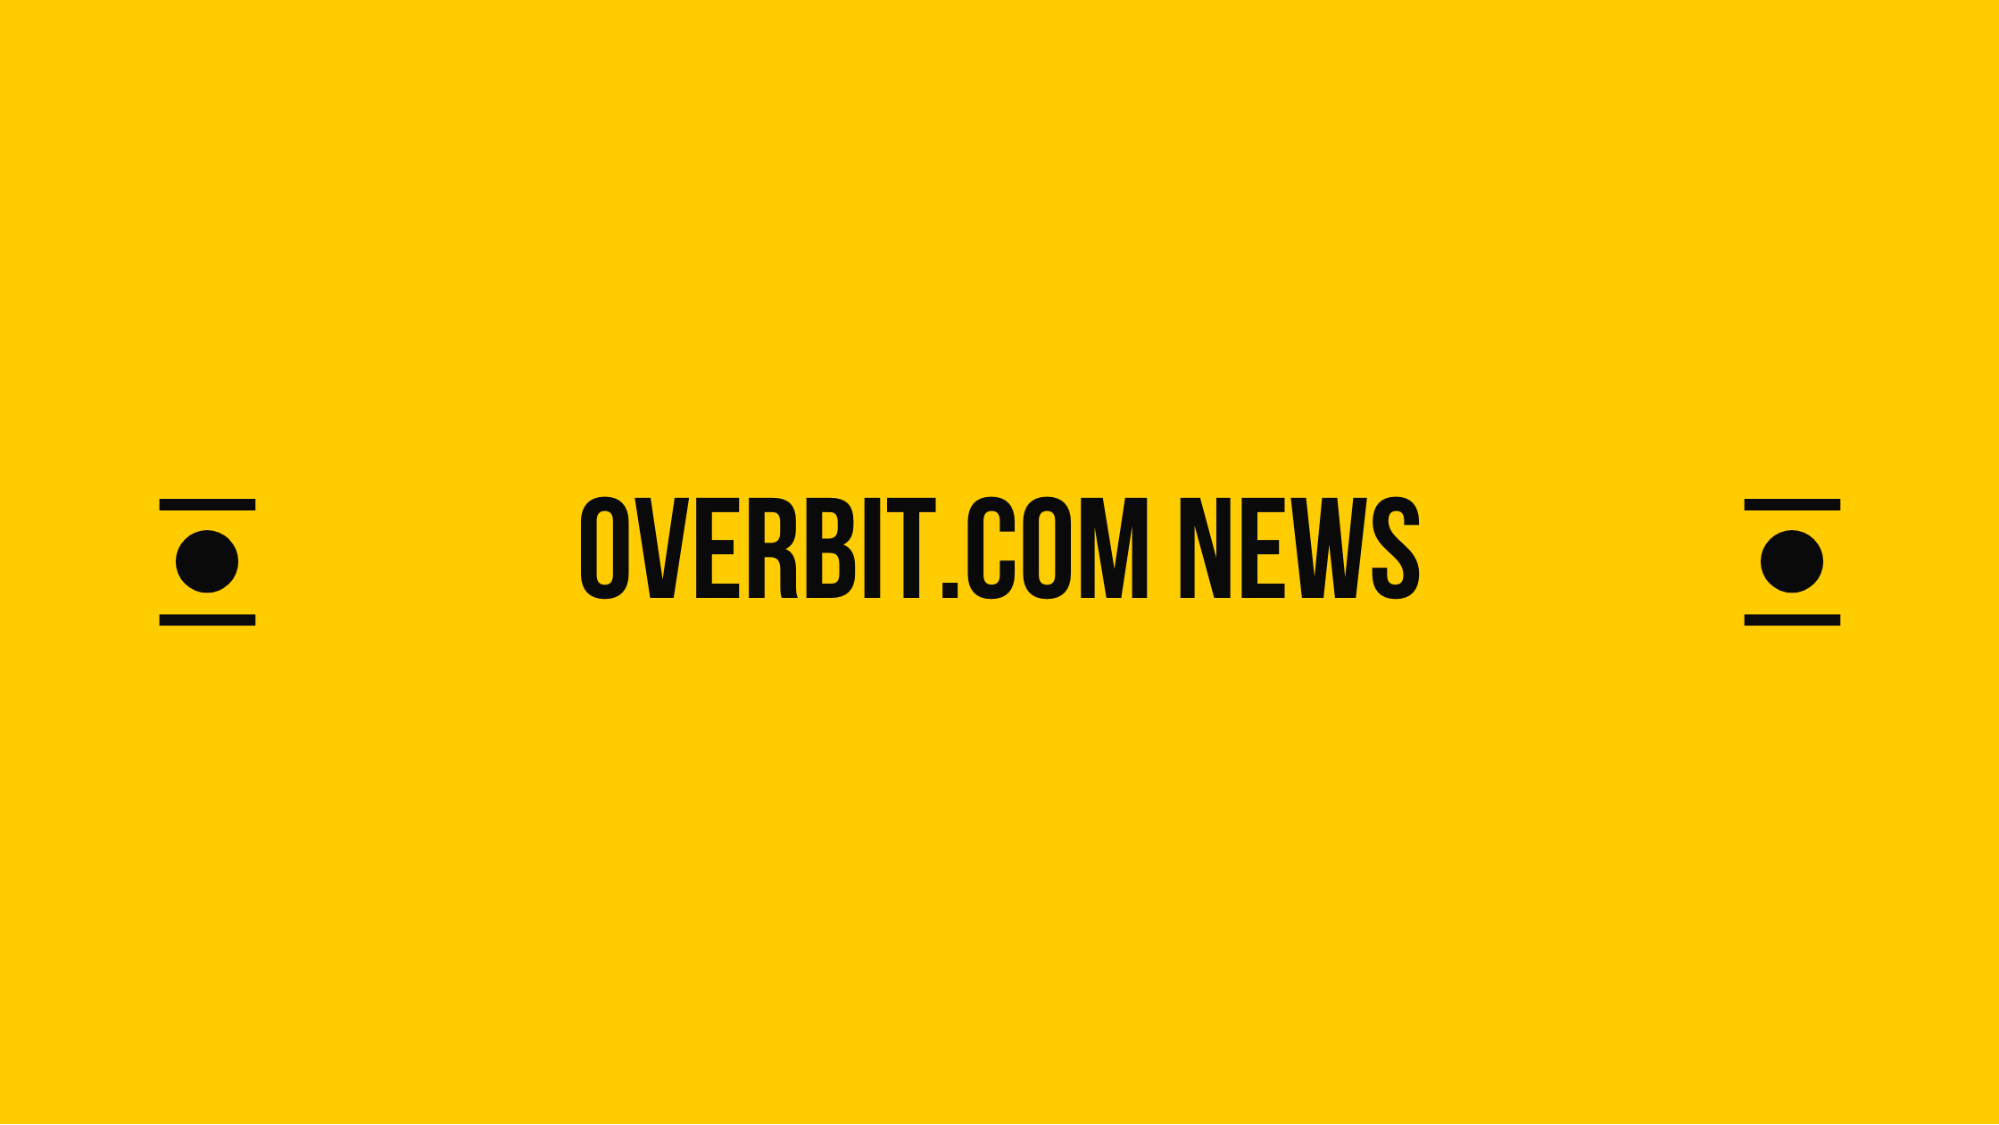 overbit.comnews